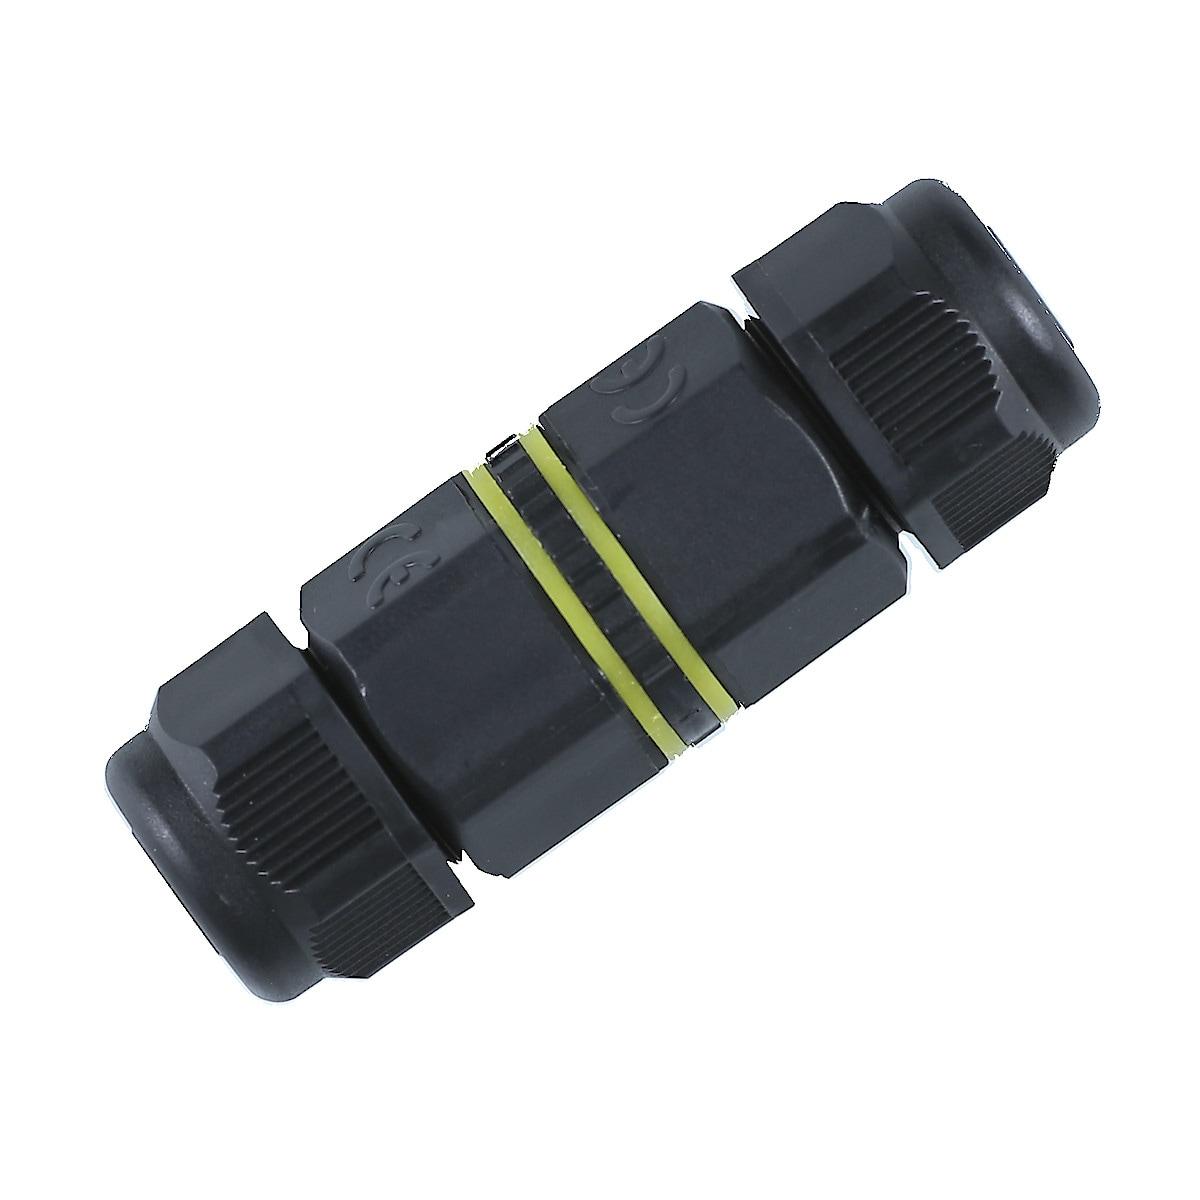 Kabelskarv, 3-polig IP68